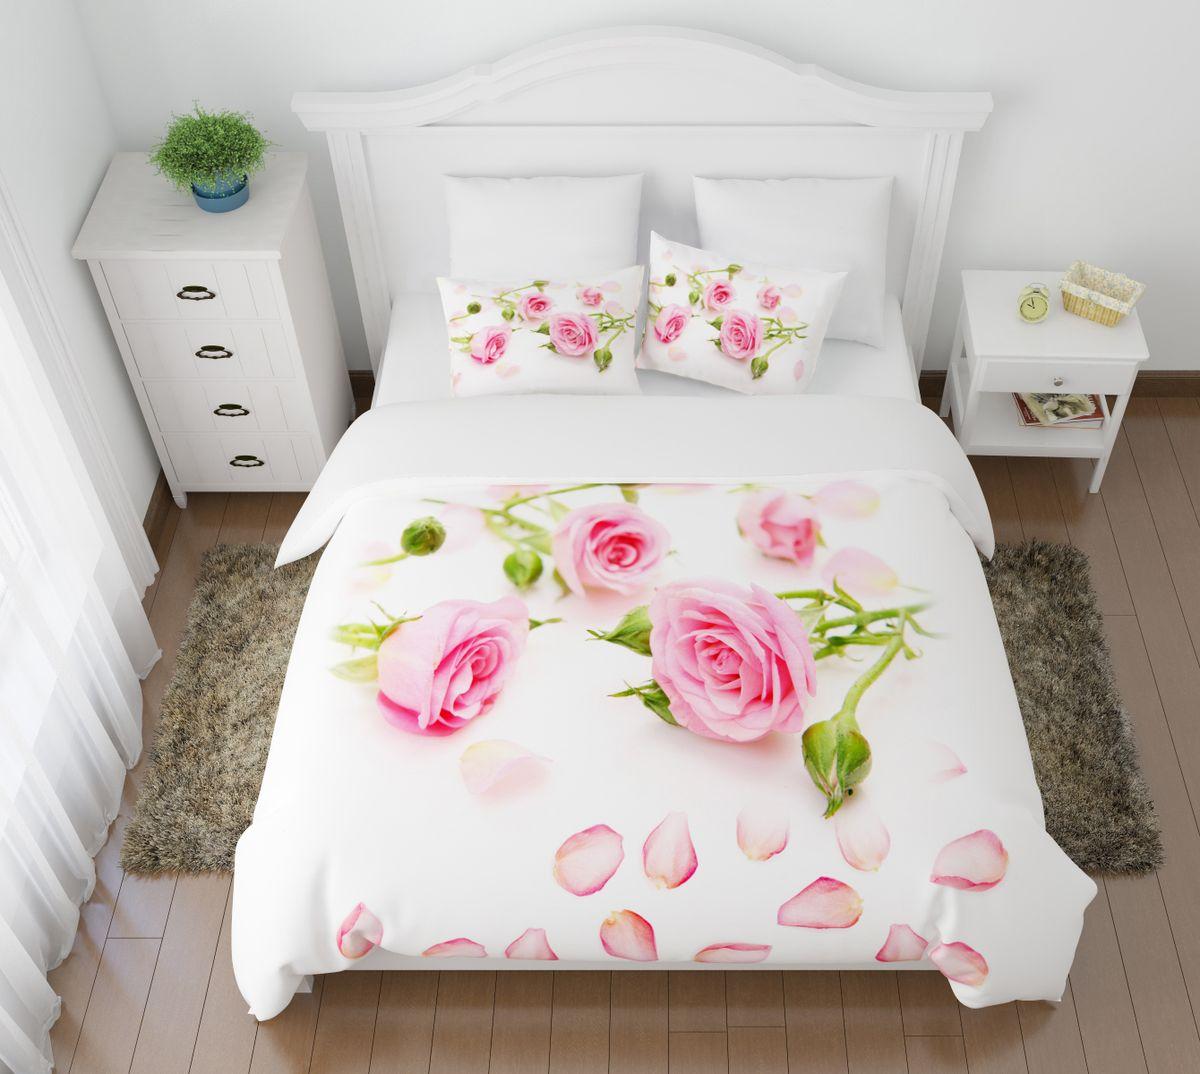 Комплект белья Сирень Лепестки роз, 1,5-спальный, наволочки 50x70pva215346Комплект постельного белья Сирень выполнен из прочной и мягкой ткани. Четкий и стильный рисунок в сочетании с насыщенными красками делают комплект постельного белья неповторимой изюминкой любого интерьера.Постельное белье идеально подойдет для подарка. Идеальное соотношение смешенной ткани и гипоаллергенных красок - это гарантия здорового, спокойного сна. Ткань хорошо впитывает влагу, надолго сохраняет яркость красок.В комплект входят: простынь, пододеяльник, две наволочки. Постельное белье легко стирать при 30-40°С, гладить при 150°С, не отбеливать. Рекомендуется перед первым использованием постирать.УВАЖАЕМЫЕ КЛИЕНТЫ! Обращаем ваше внимание, что цвет простыни, пододеяльника, наволочки в комплектации может немного отличаться от представленного на фото.